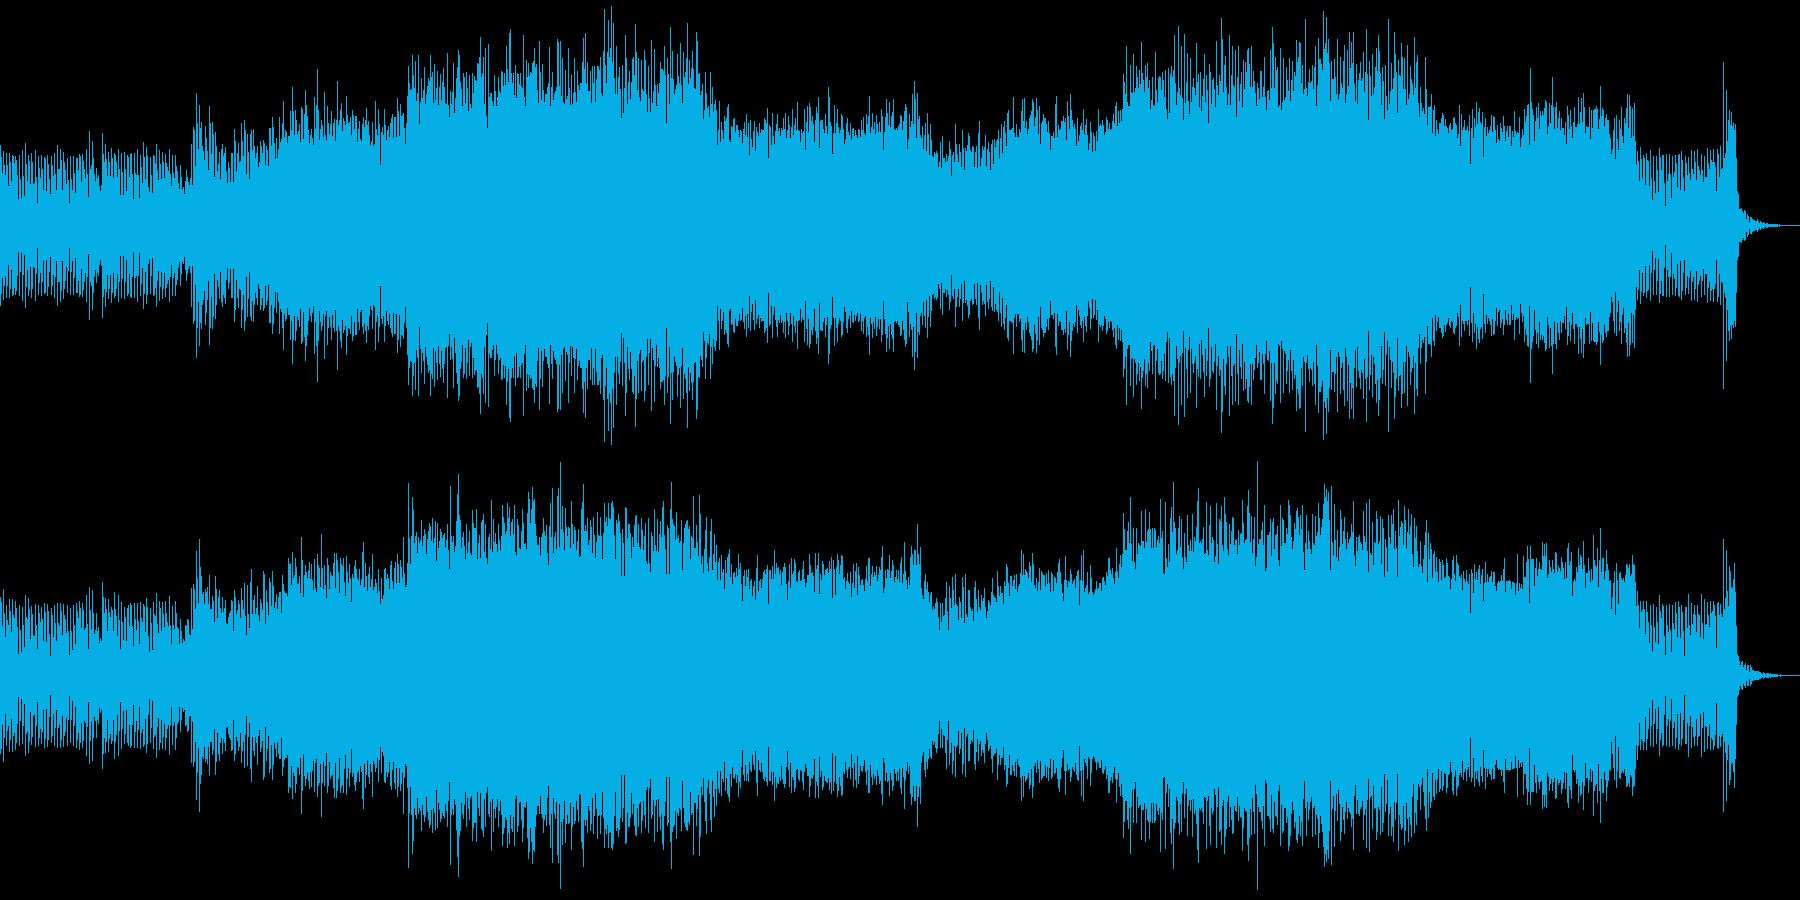 フェスをイメージしたEDMの再生済みの波形